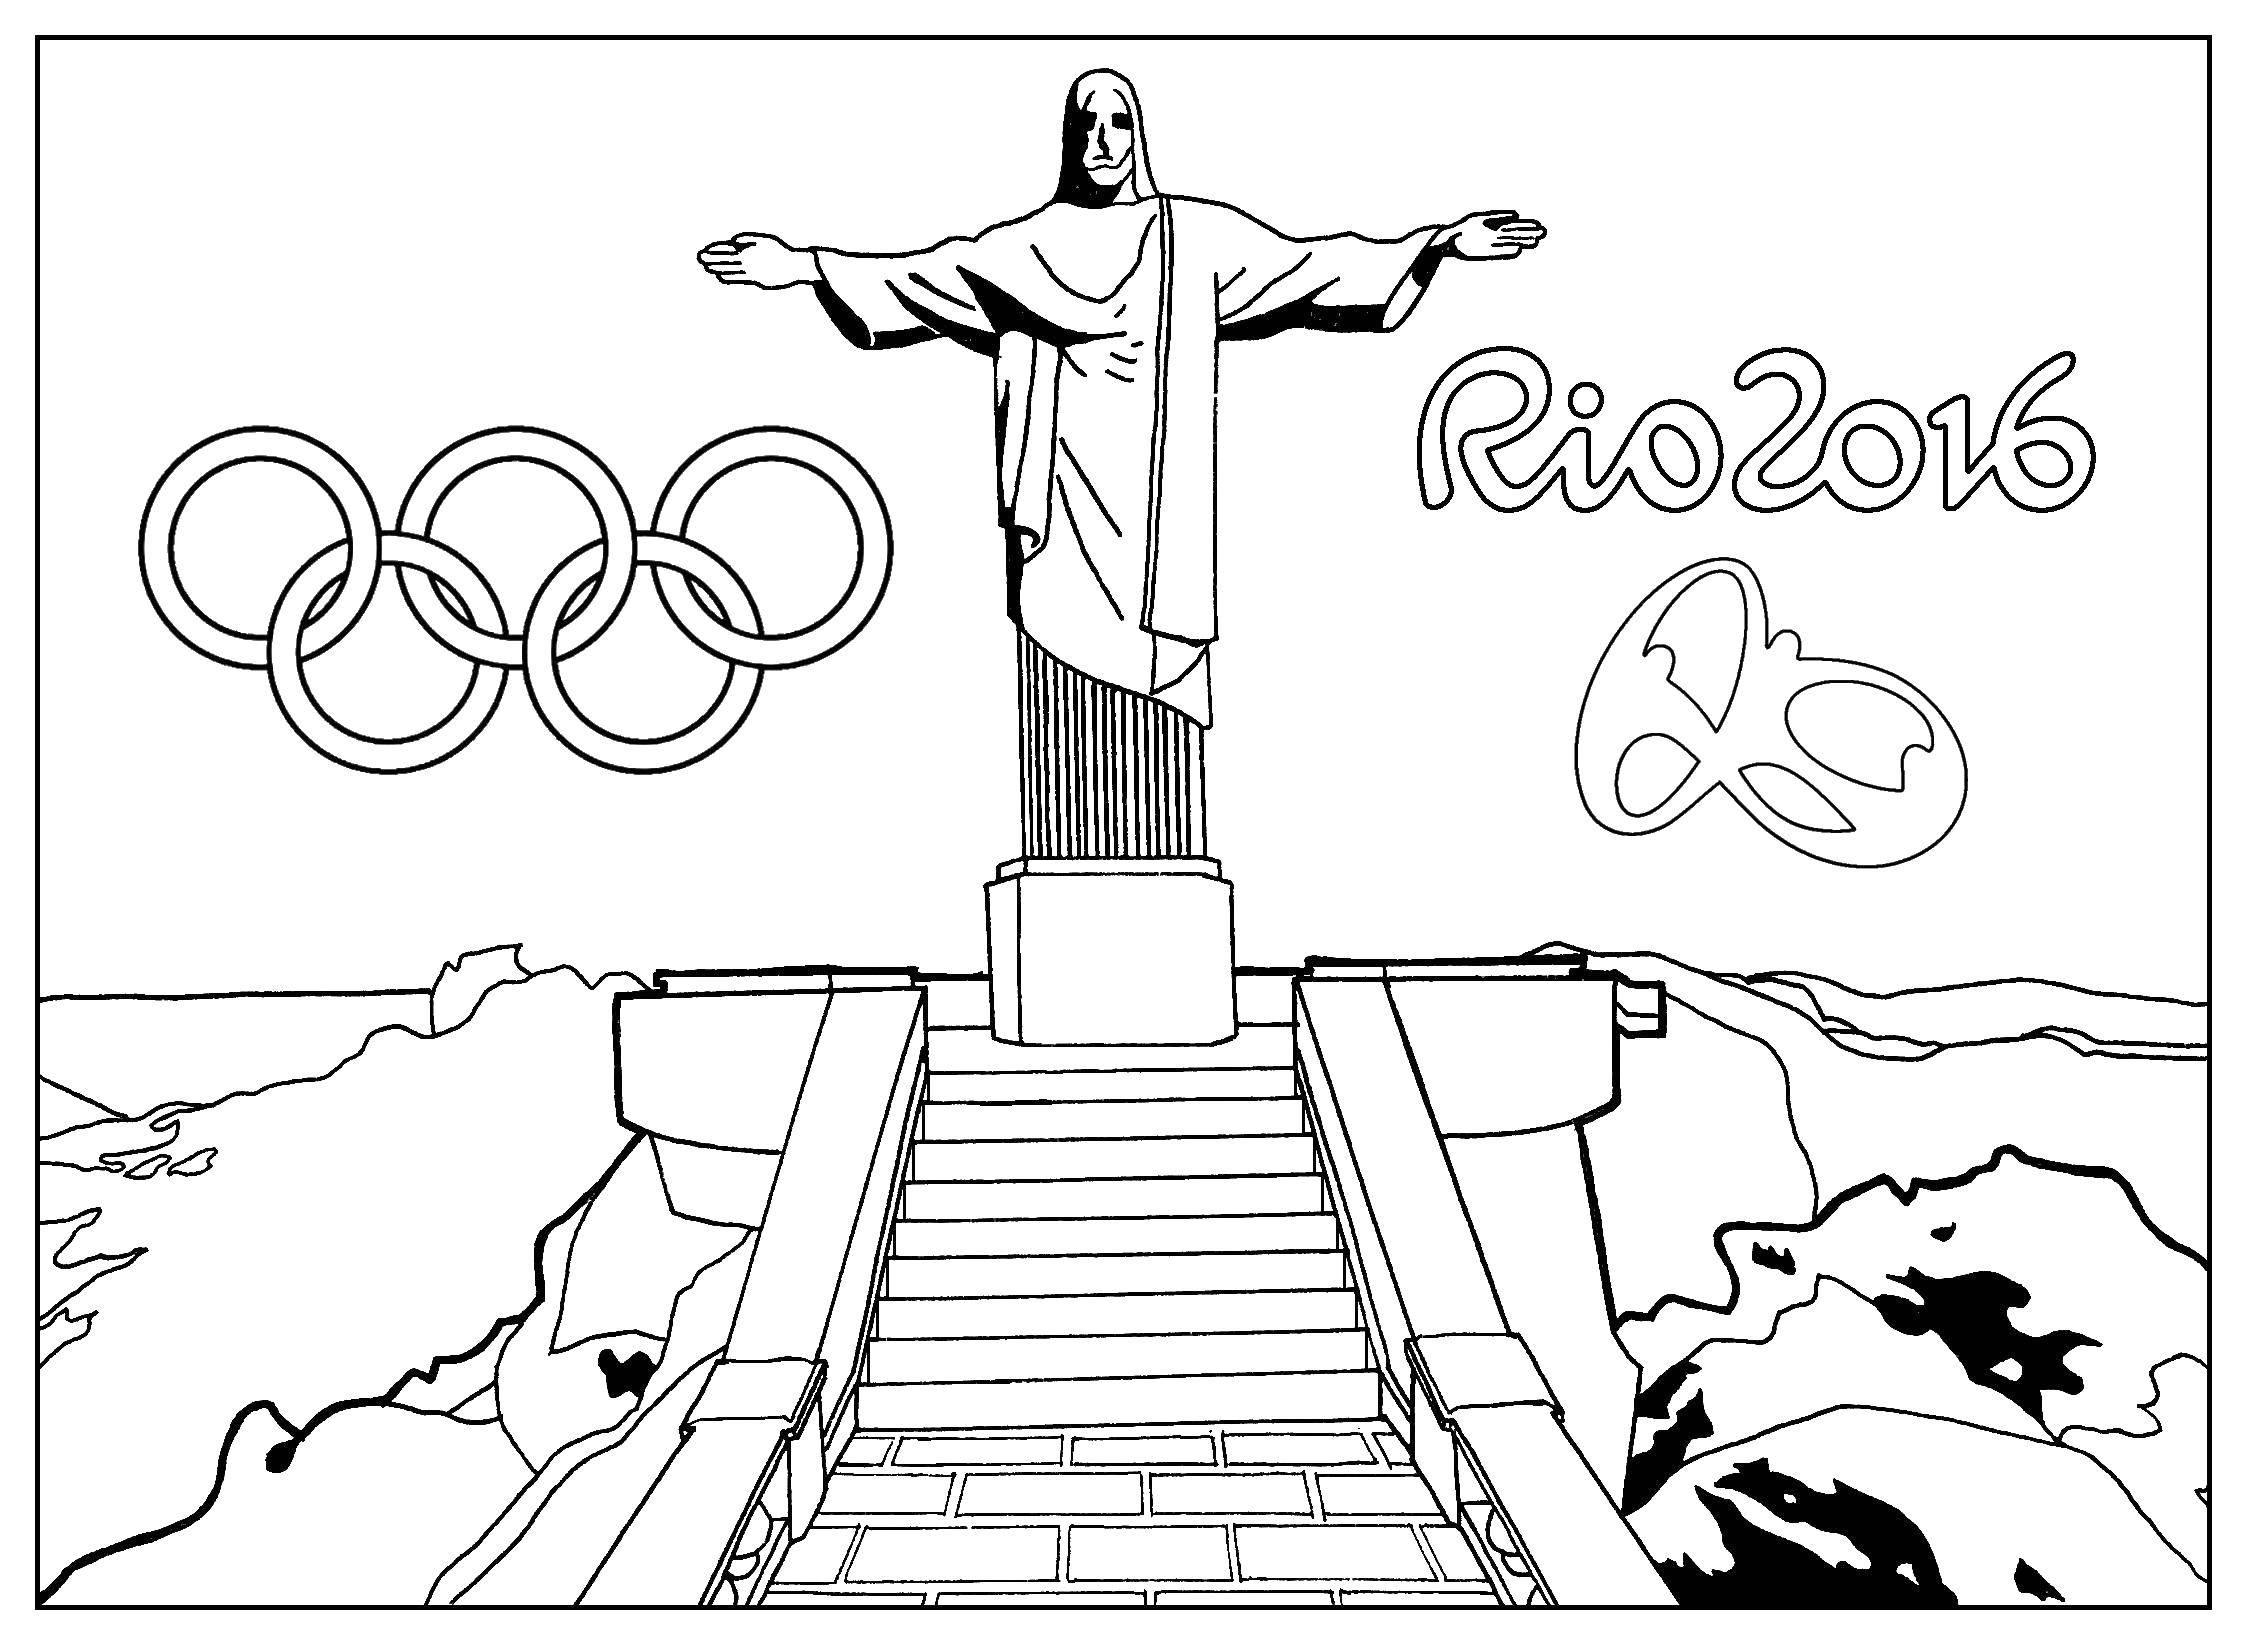 Название: Раскраска Игры в рио. Категория: игры. Теги: Олимпиада.